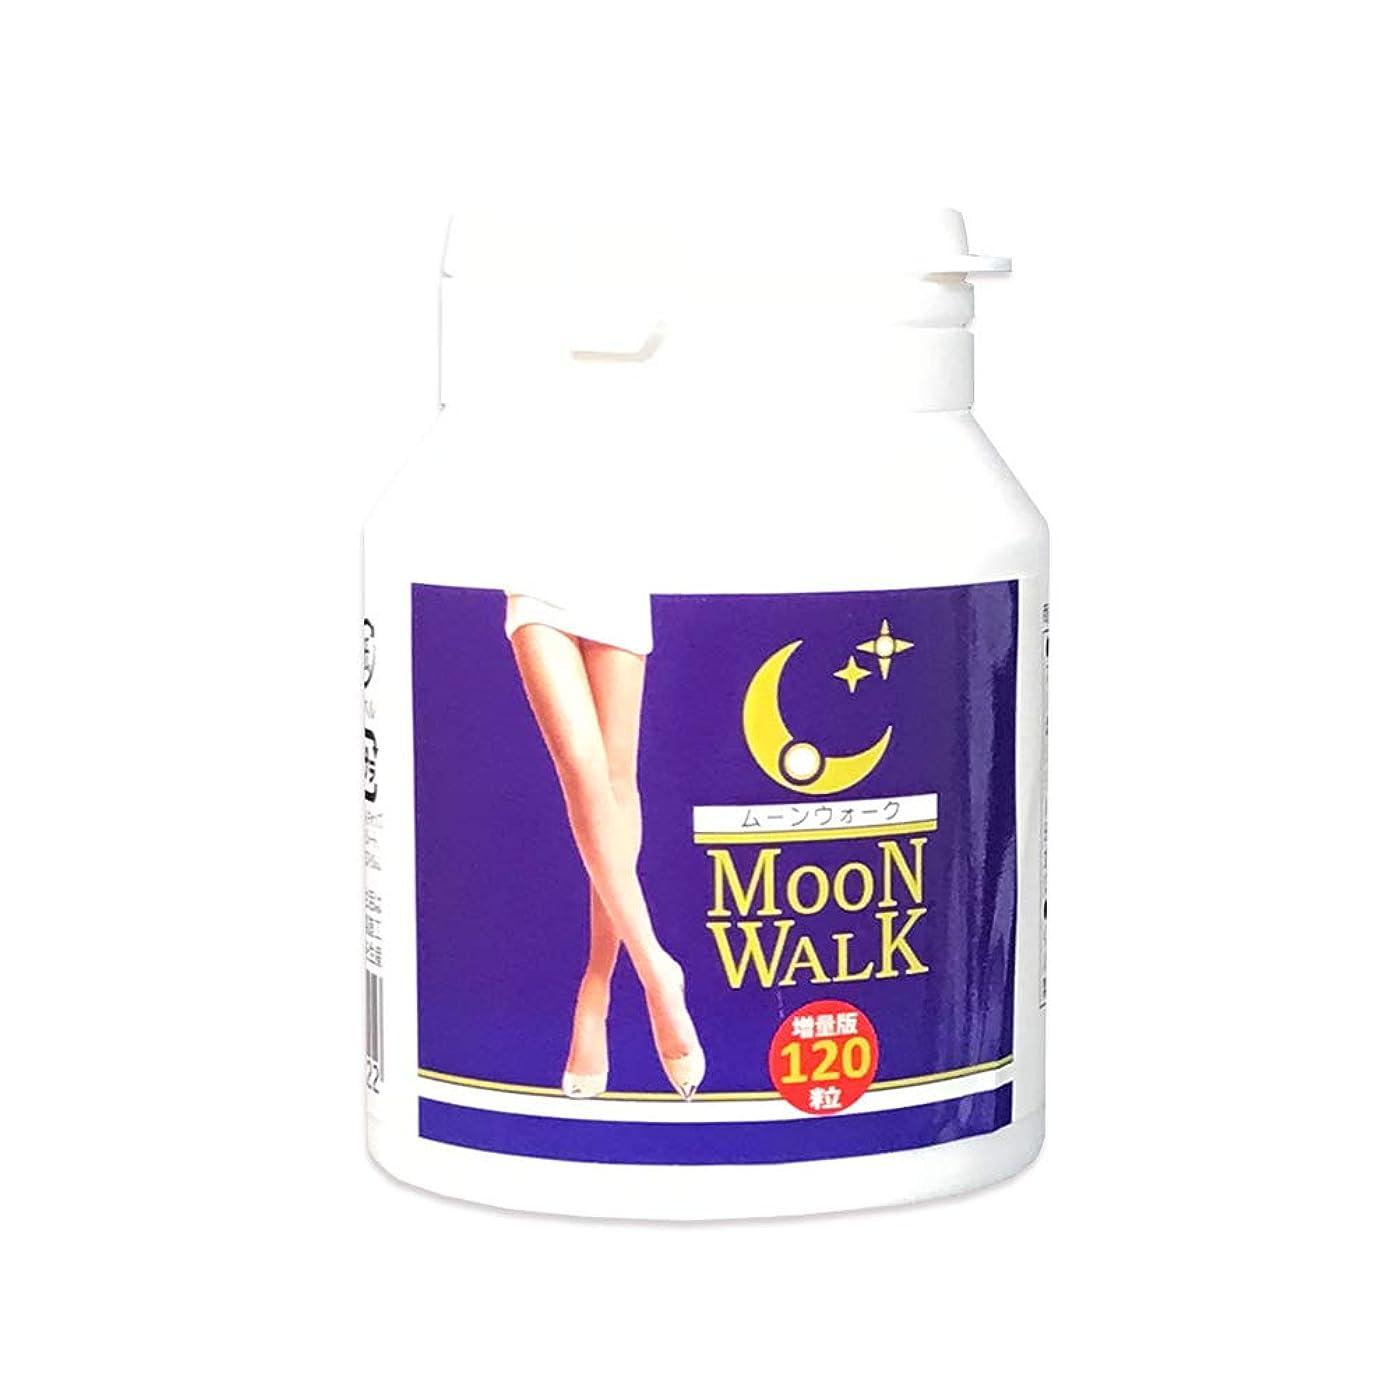 砂おなじみの災害Moon Walk 120 Tab(ムーンウォーク増量版 120粒)